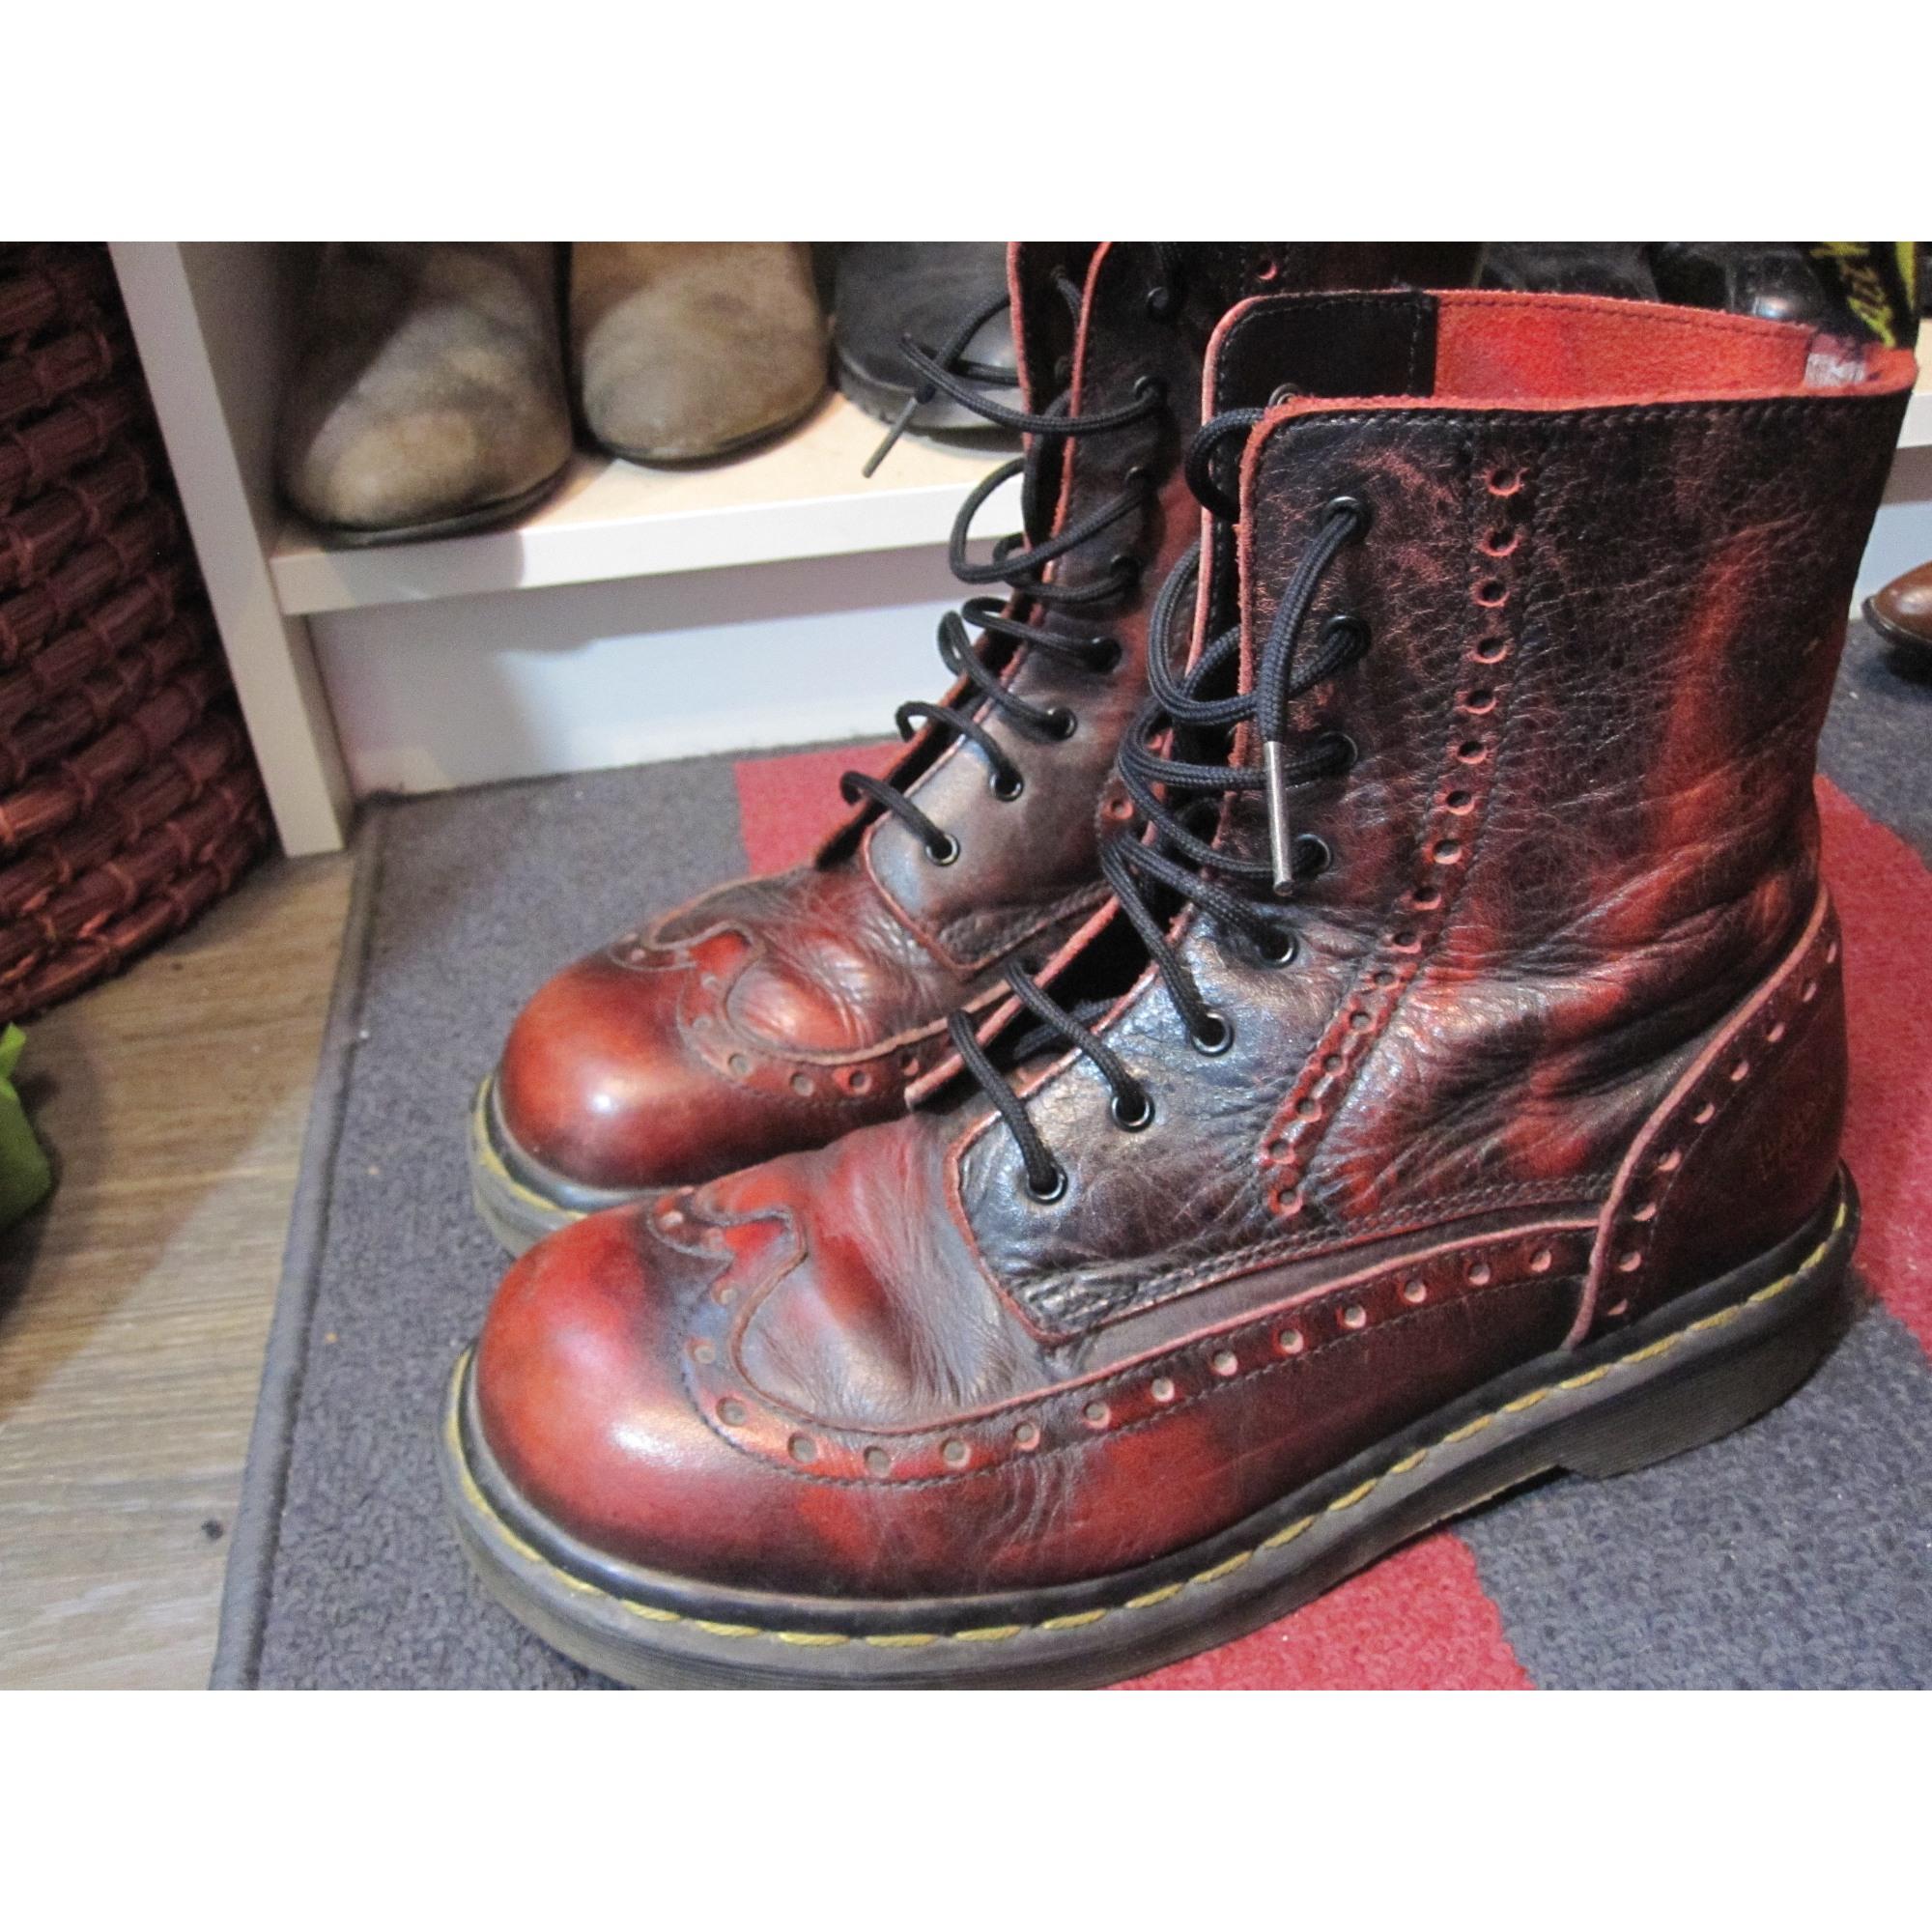 9e2baa719916 Bottines   low boots plates DR. MARTENS 40 rouge vendu par ...